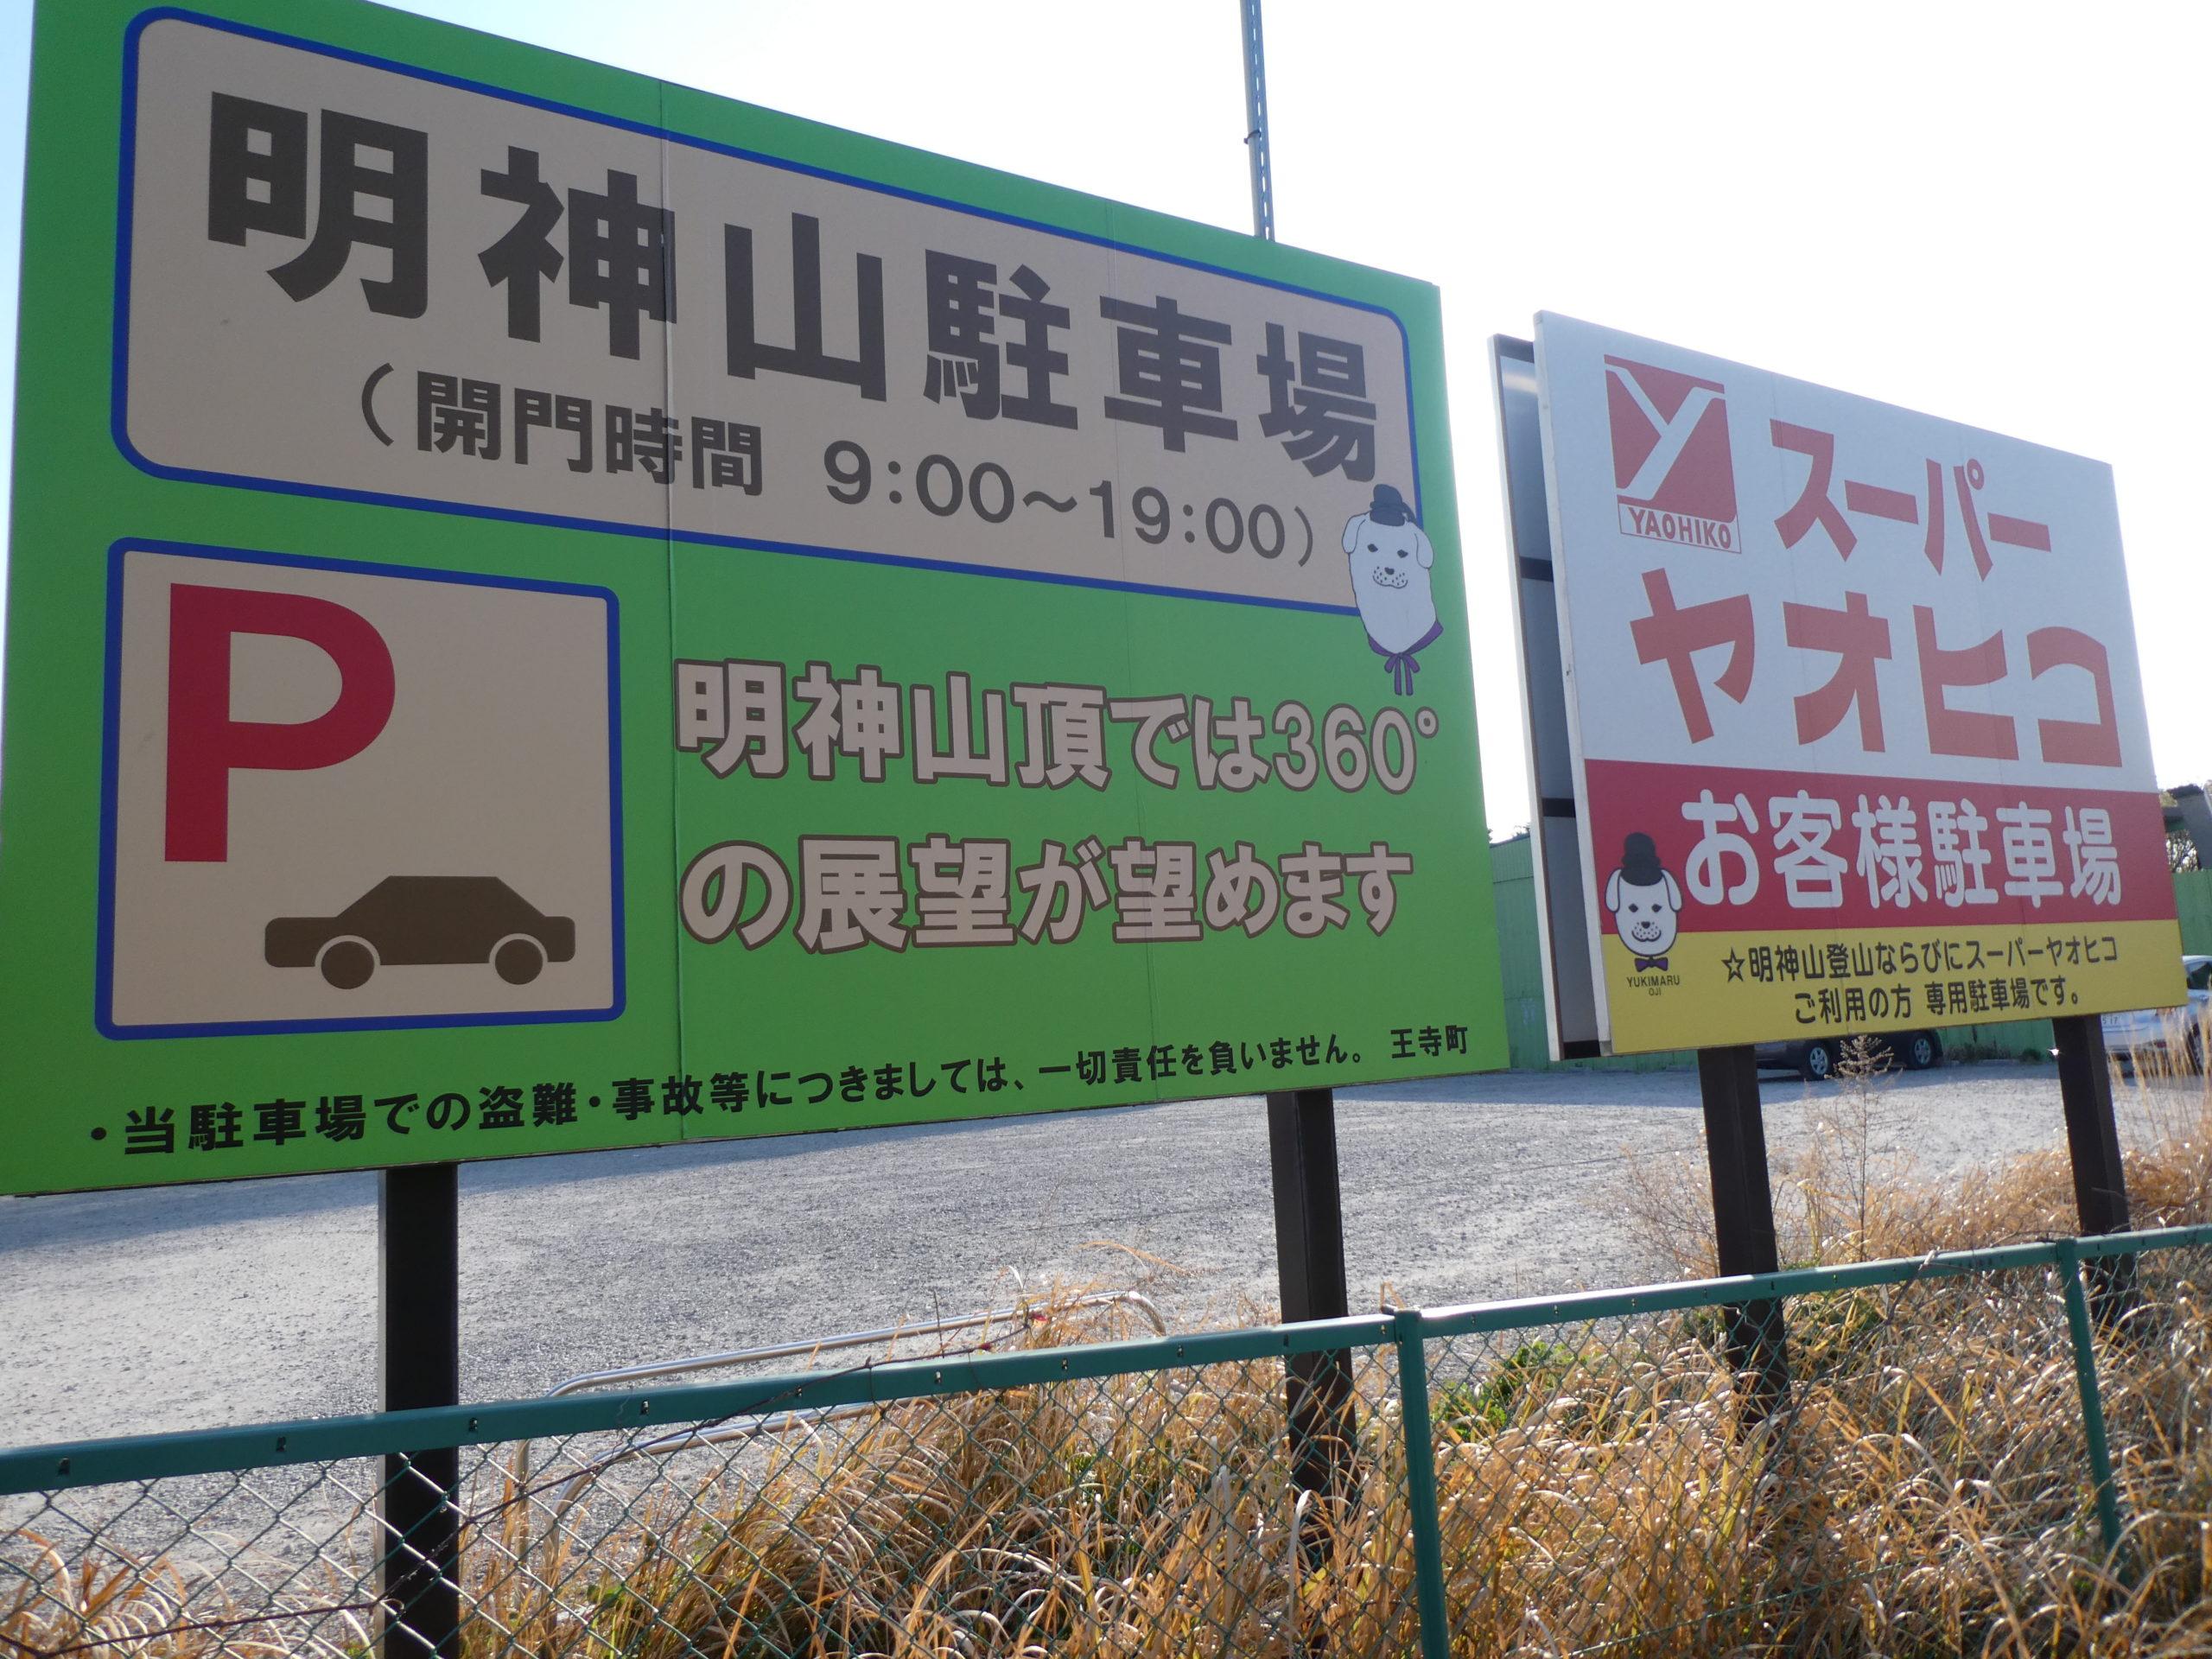 明神山 ハイキングコース 駐車場 案内板